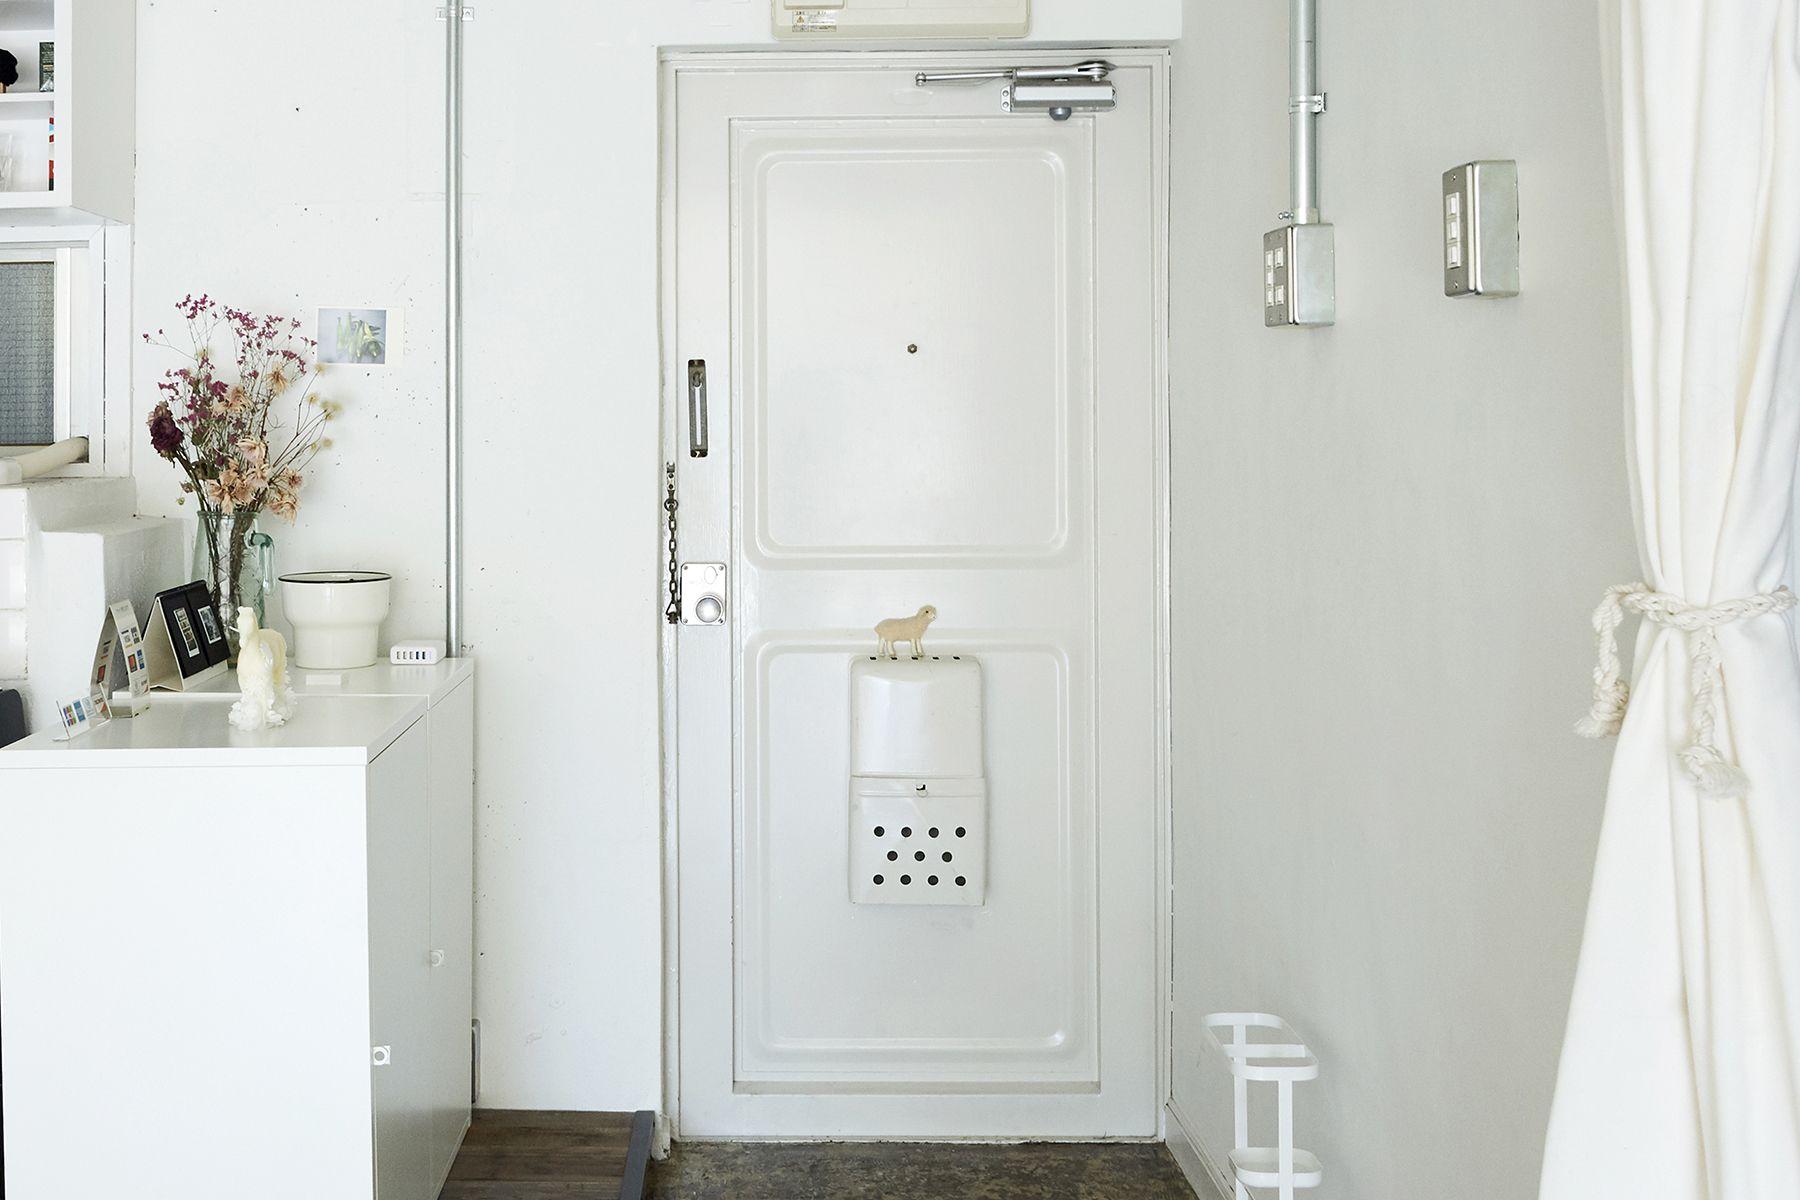 studio imelo(スタジオ イメロ)玄関まわりも白で統一